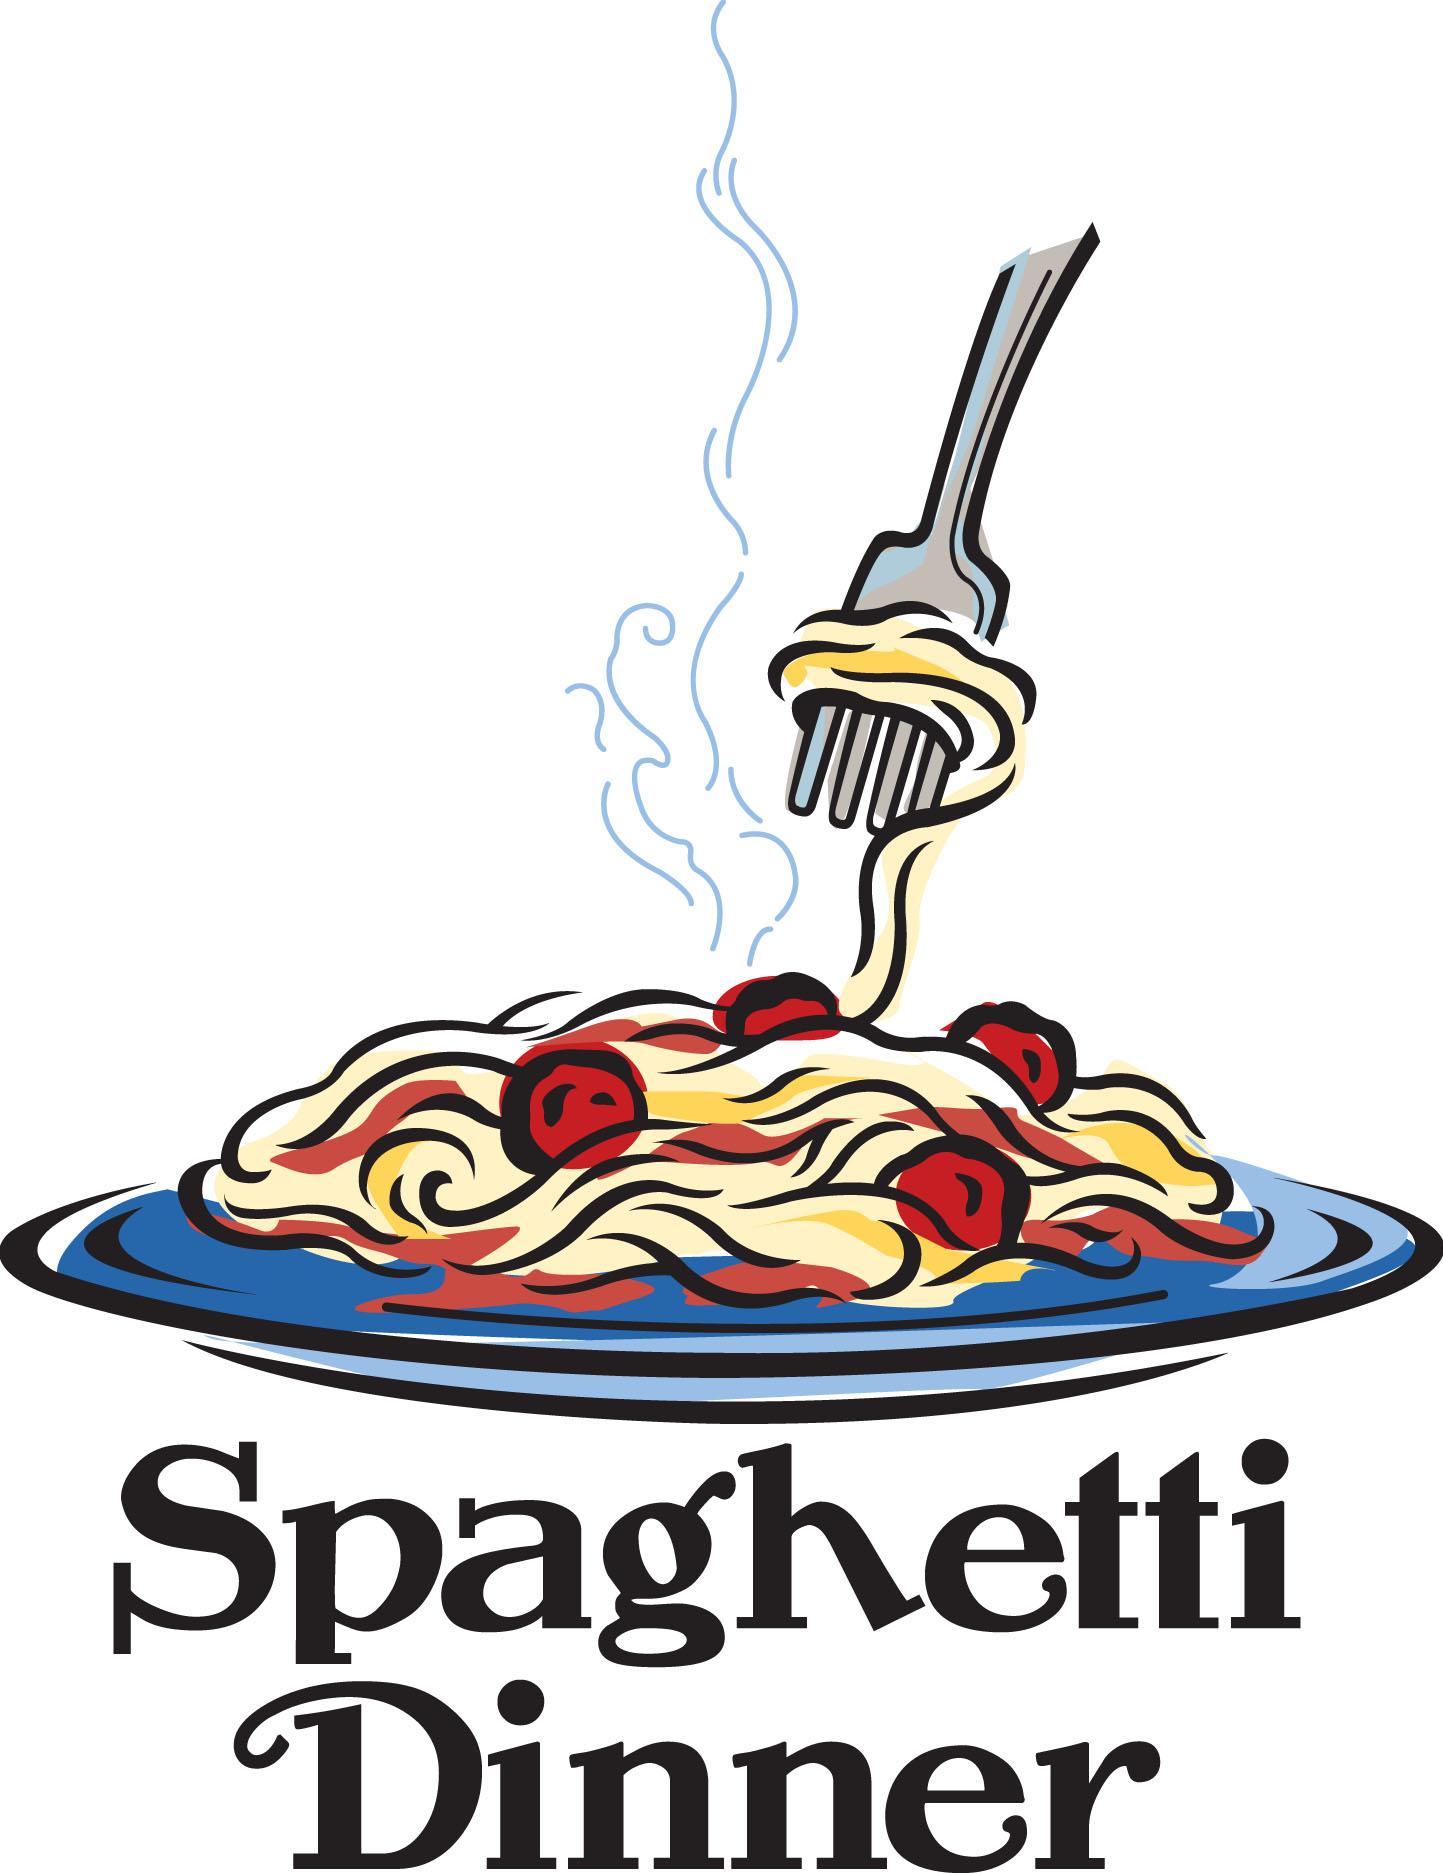 Spaghetti dinner fundraiser clipart for facebook vector free library Clipart spaghetti dinner - ClipartFest vector free library